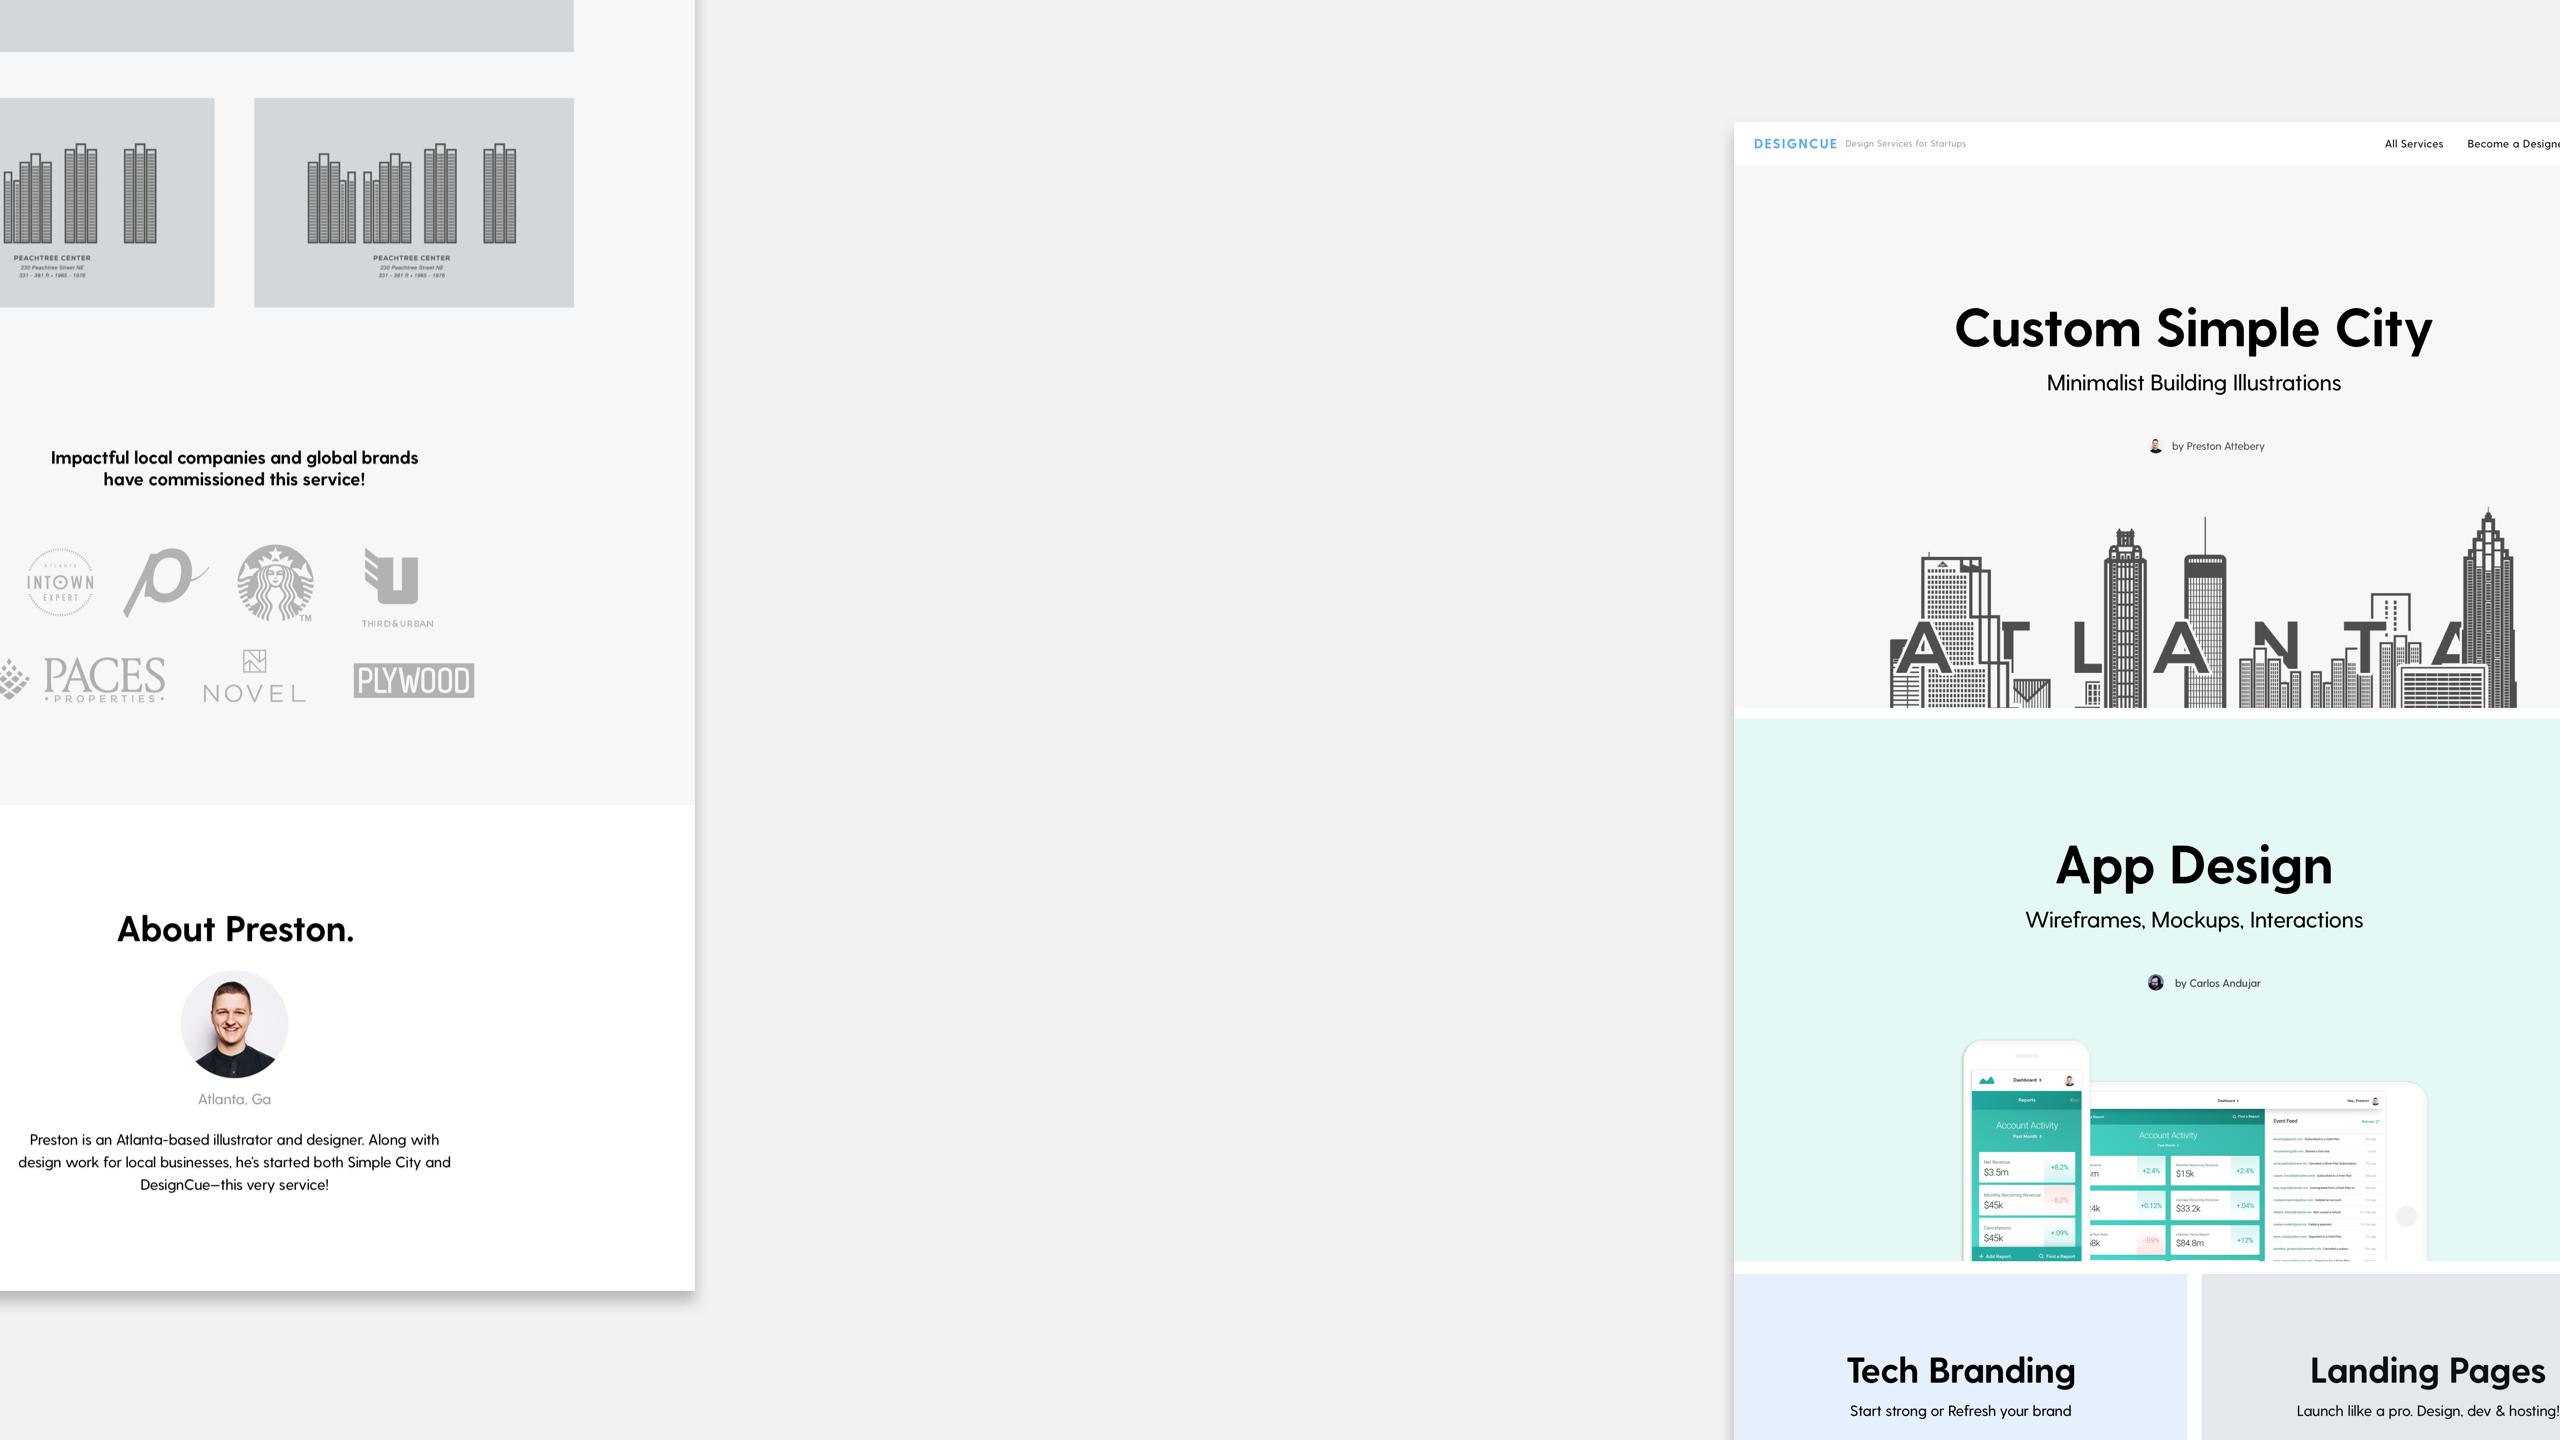 DesignCue Instant ⚡